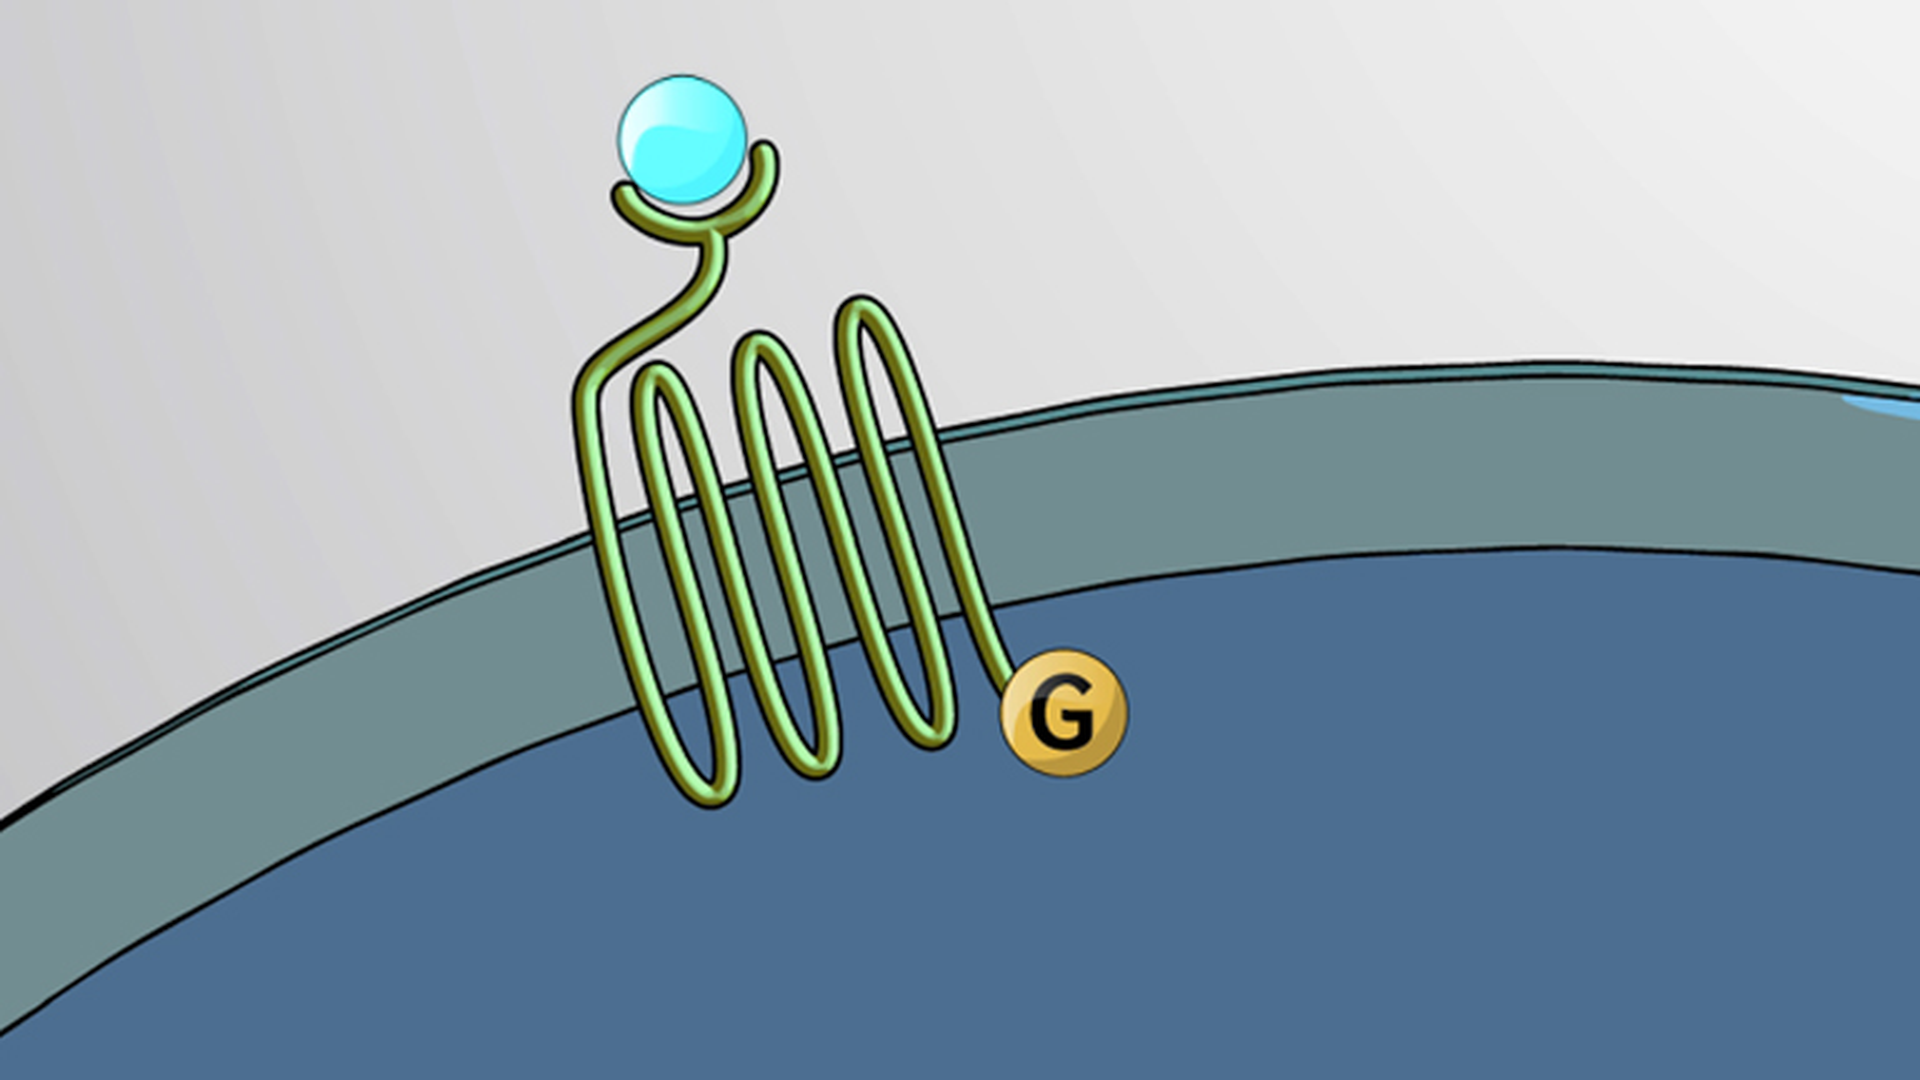 Cascadas de señalización intracelular